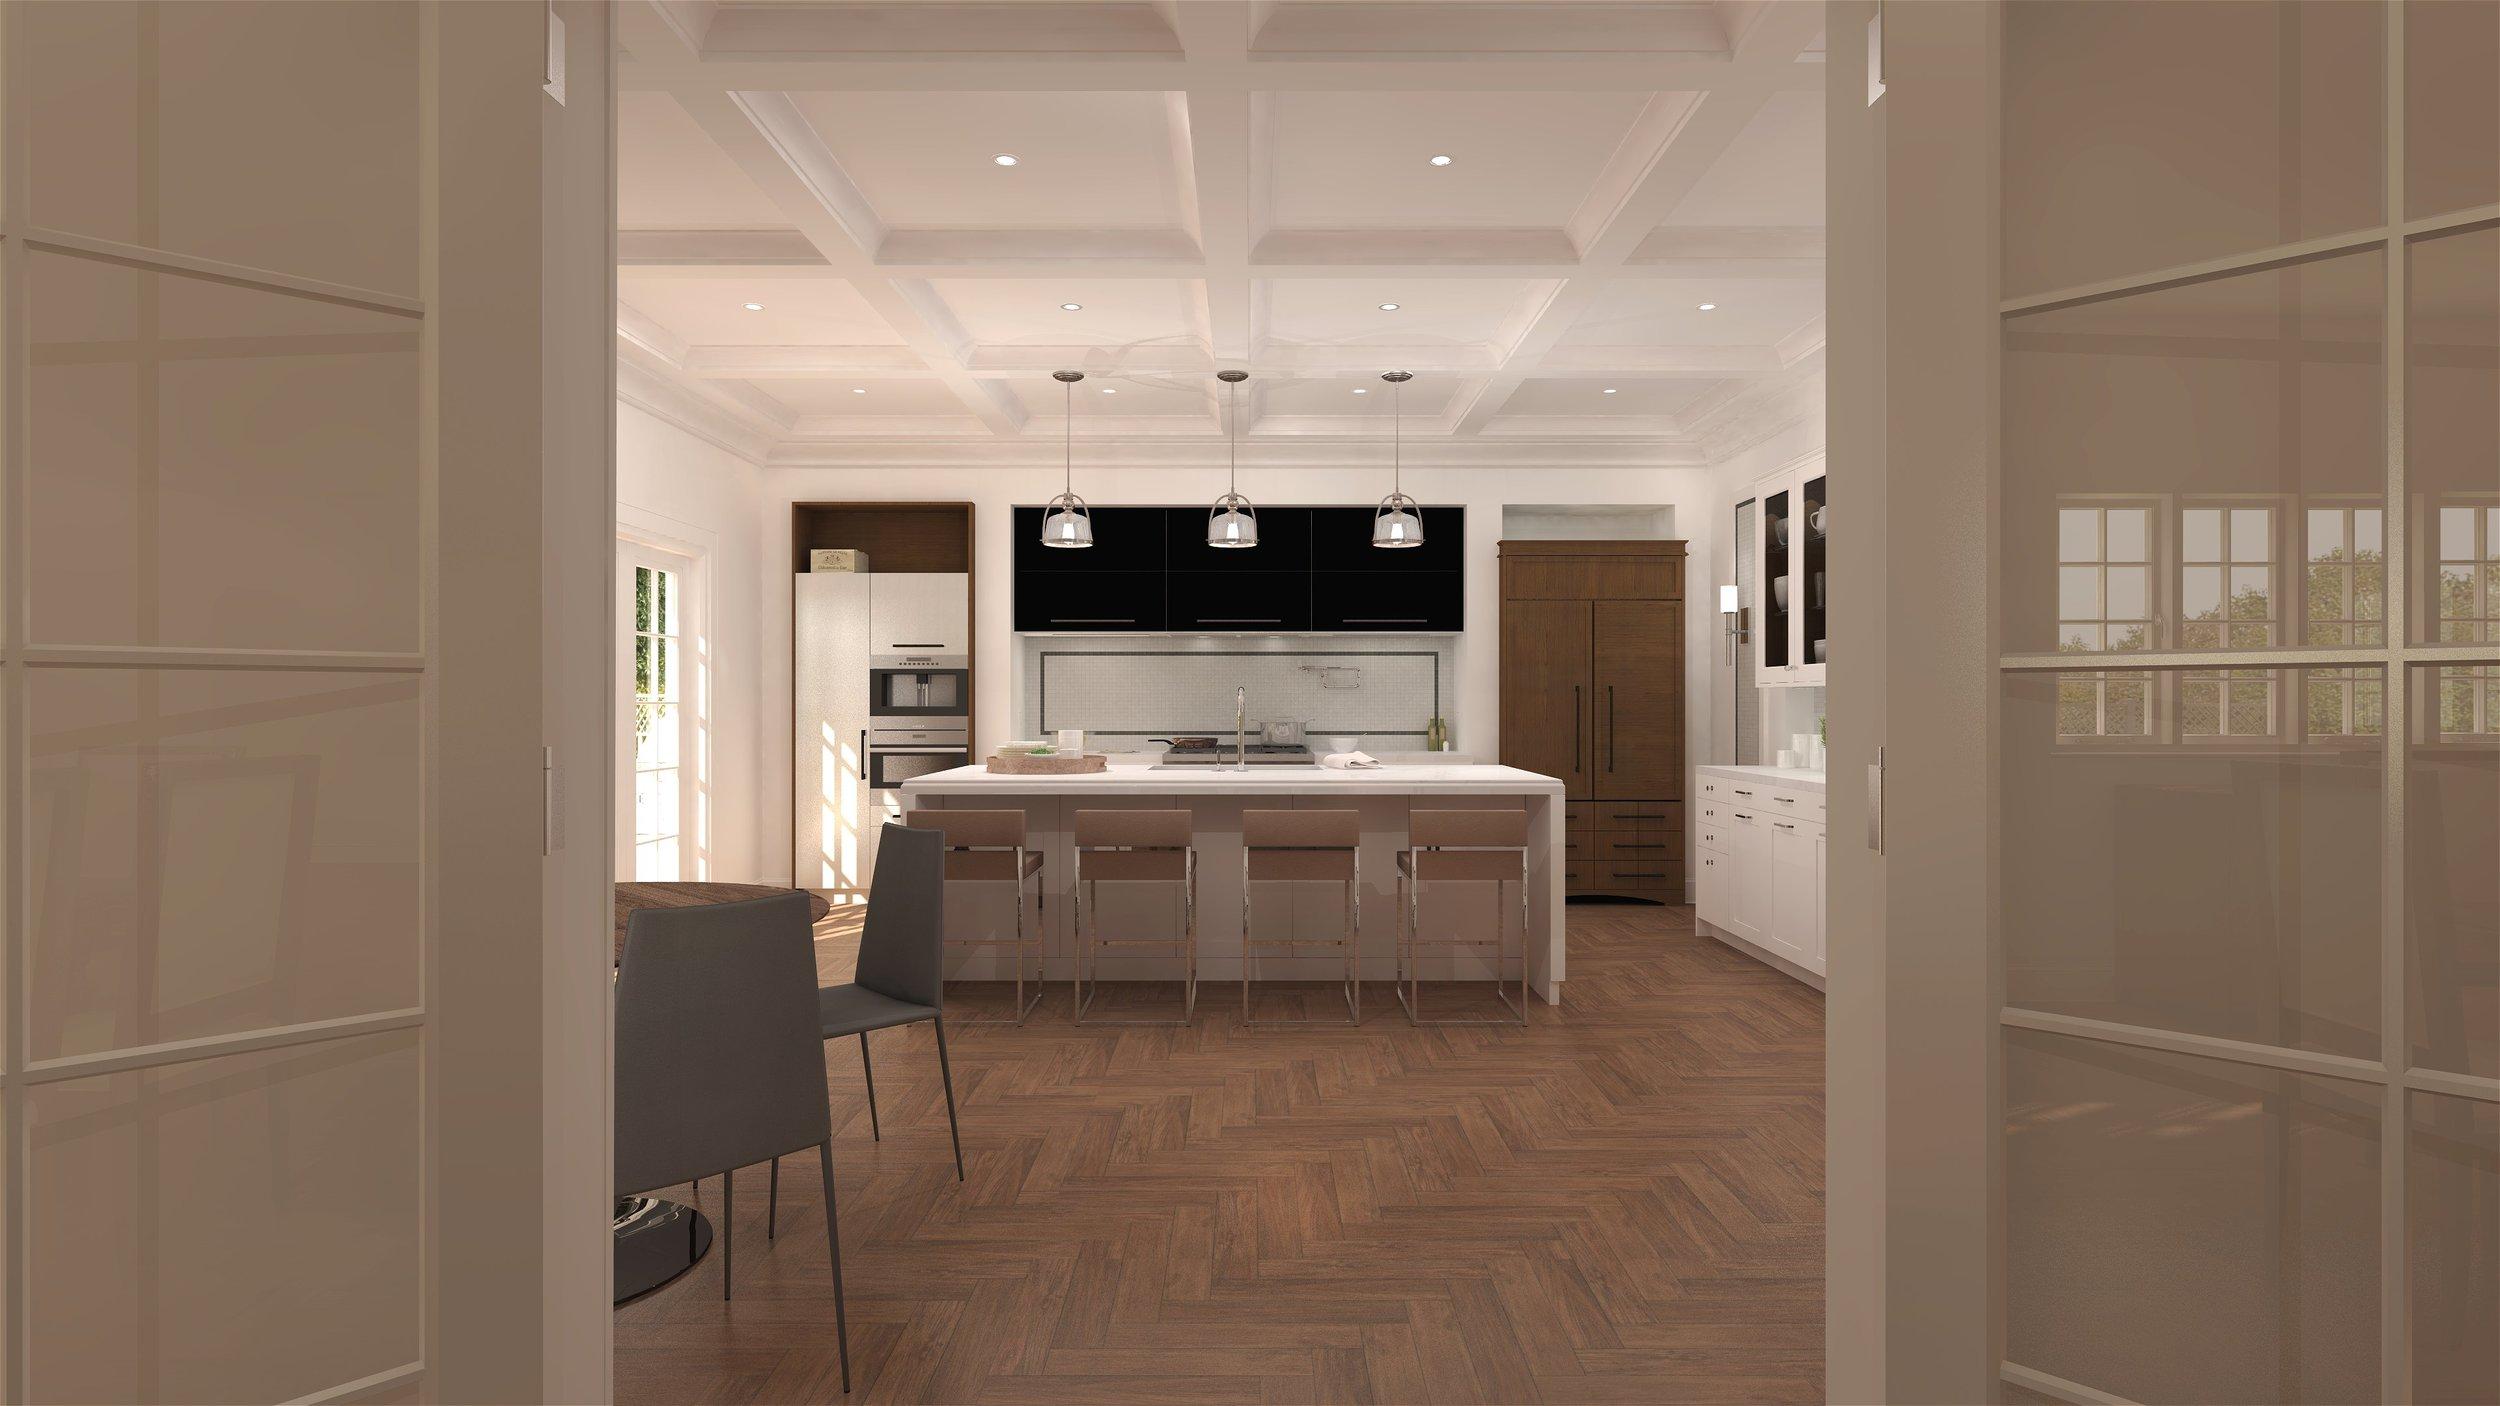 deSousaDESIGN_Kitchen_New_Vintage_V1i_3840x2160.jpg